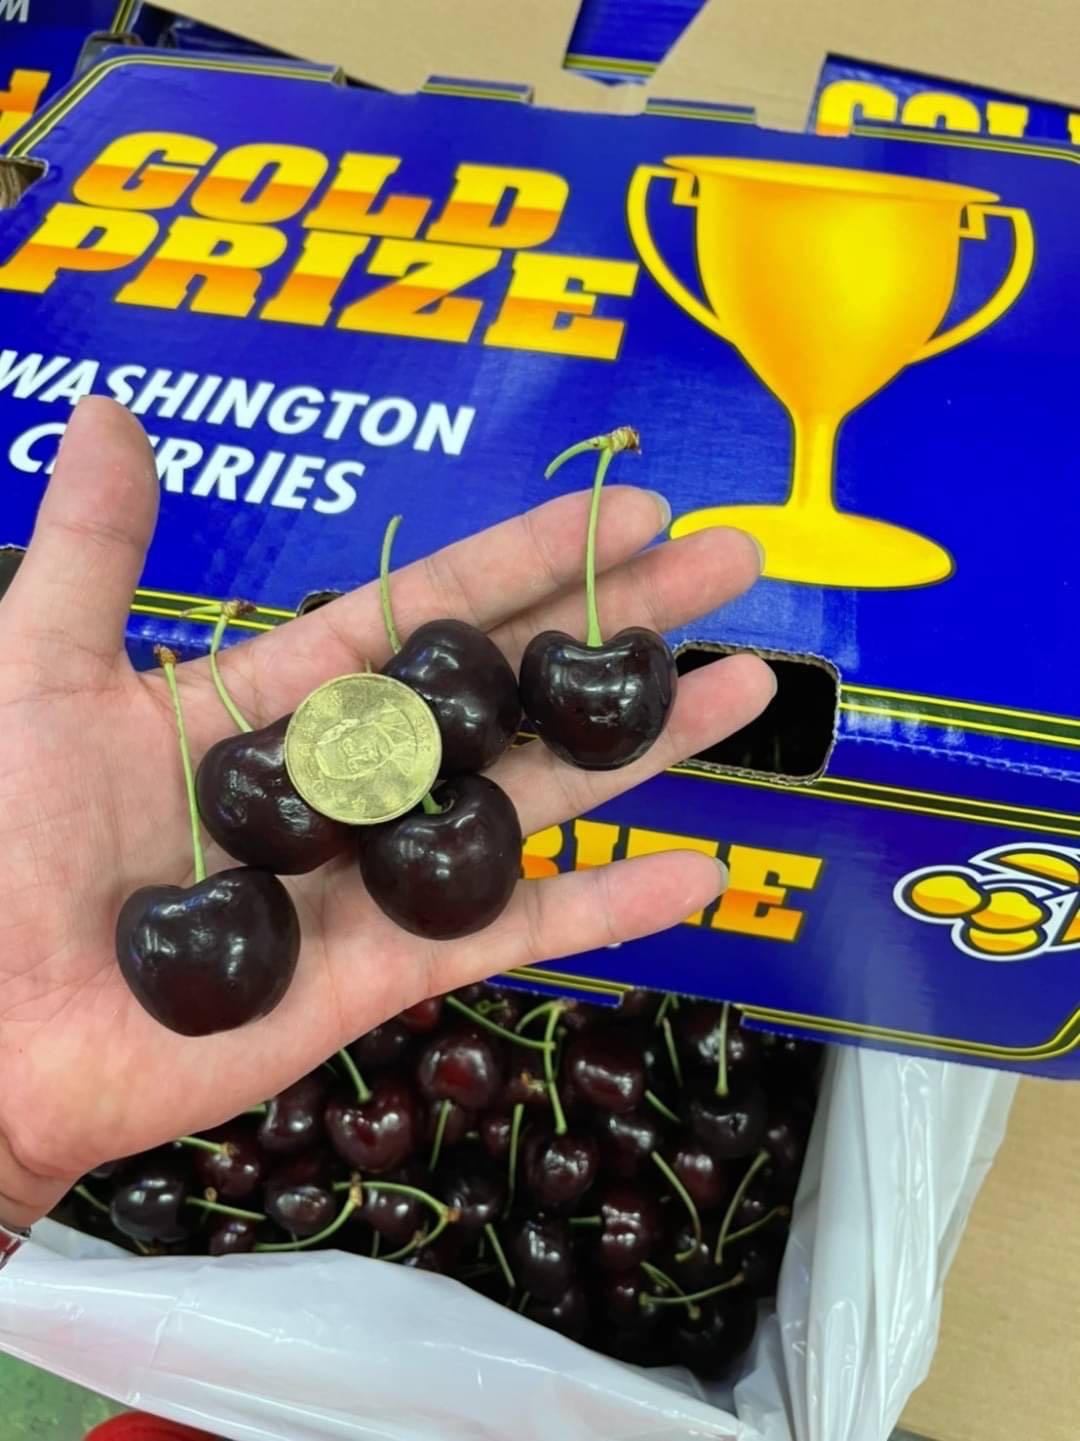 *低溫免運*嚴選特級*2021櫻桃界的LV 美國華盛頓Gold Prize金盃櫻桃9ROW 2kg/5kg/9kg原裝箱 (低溫免運/廠商直送)(2kg下標區)